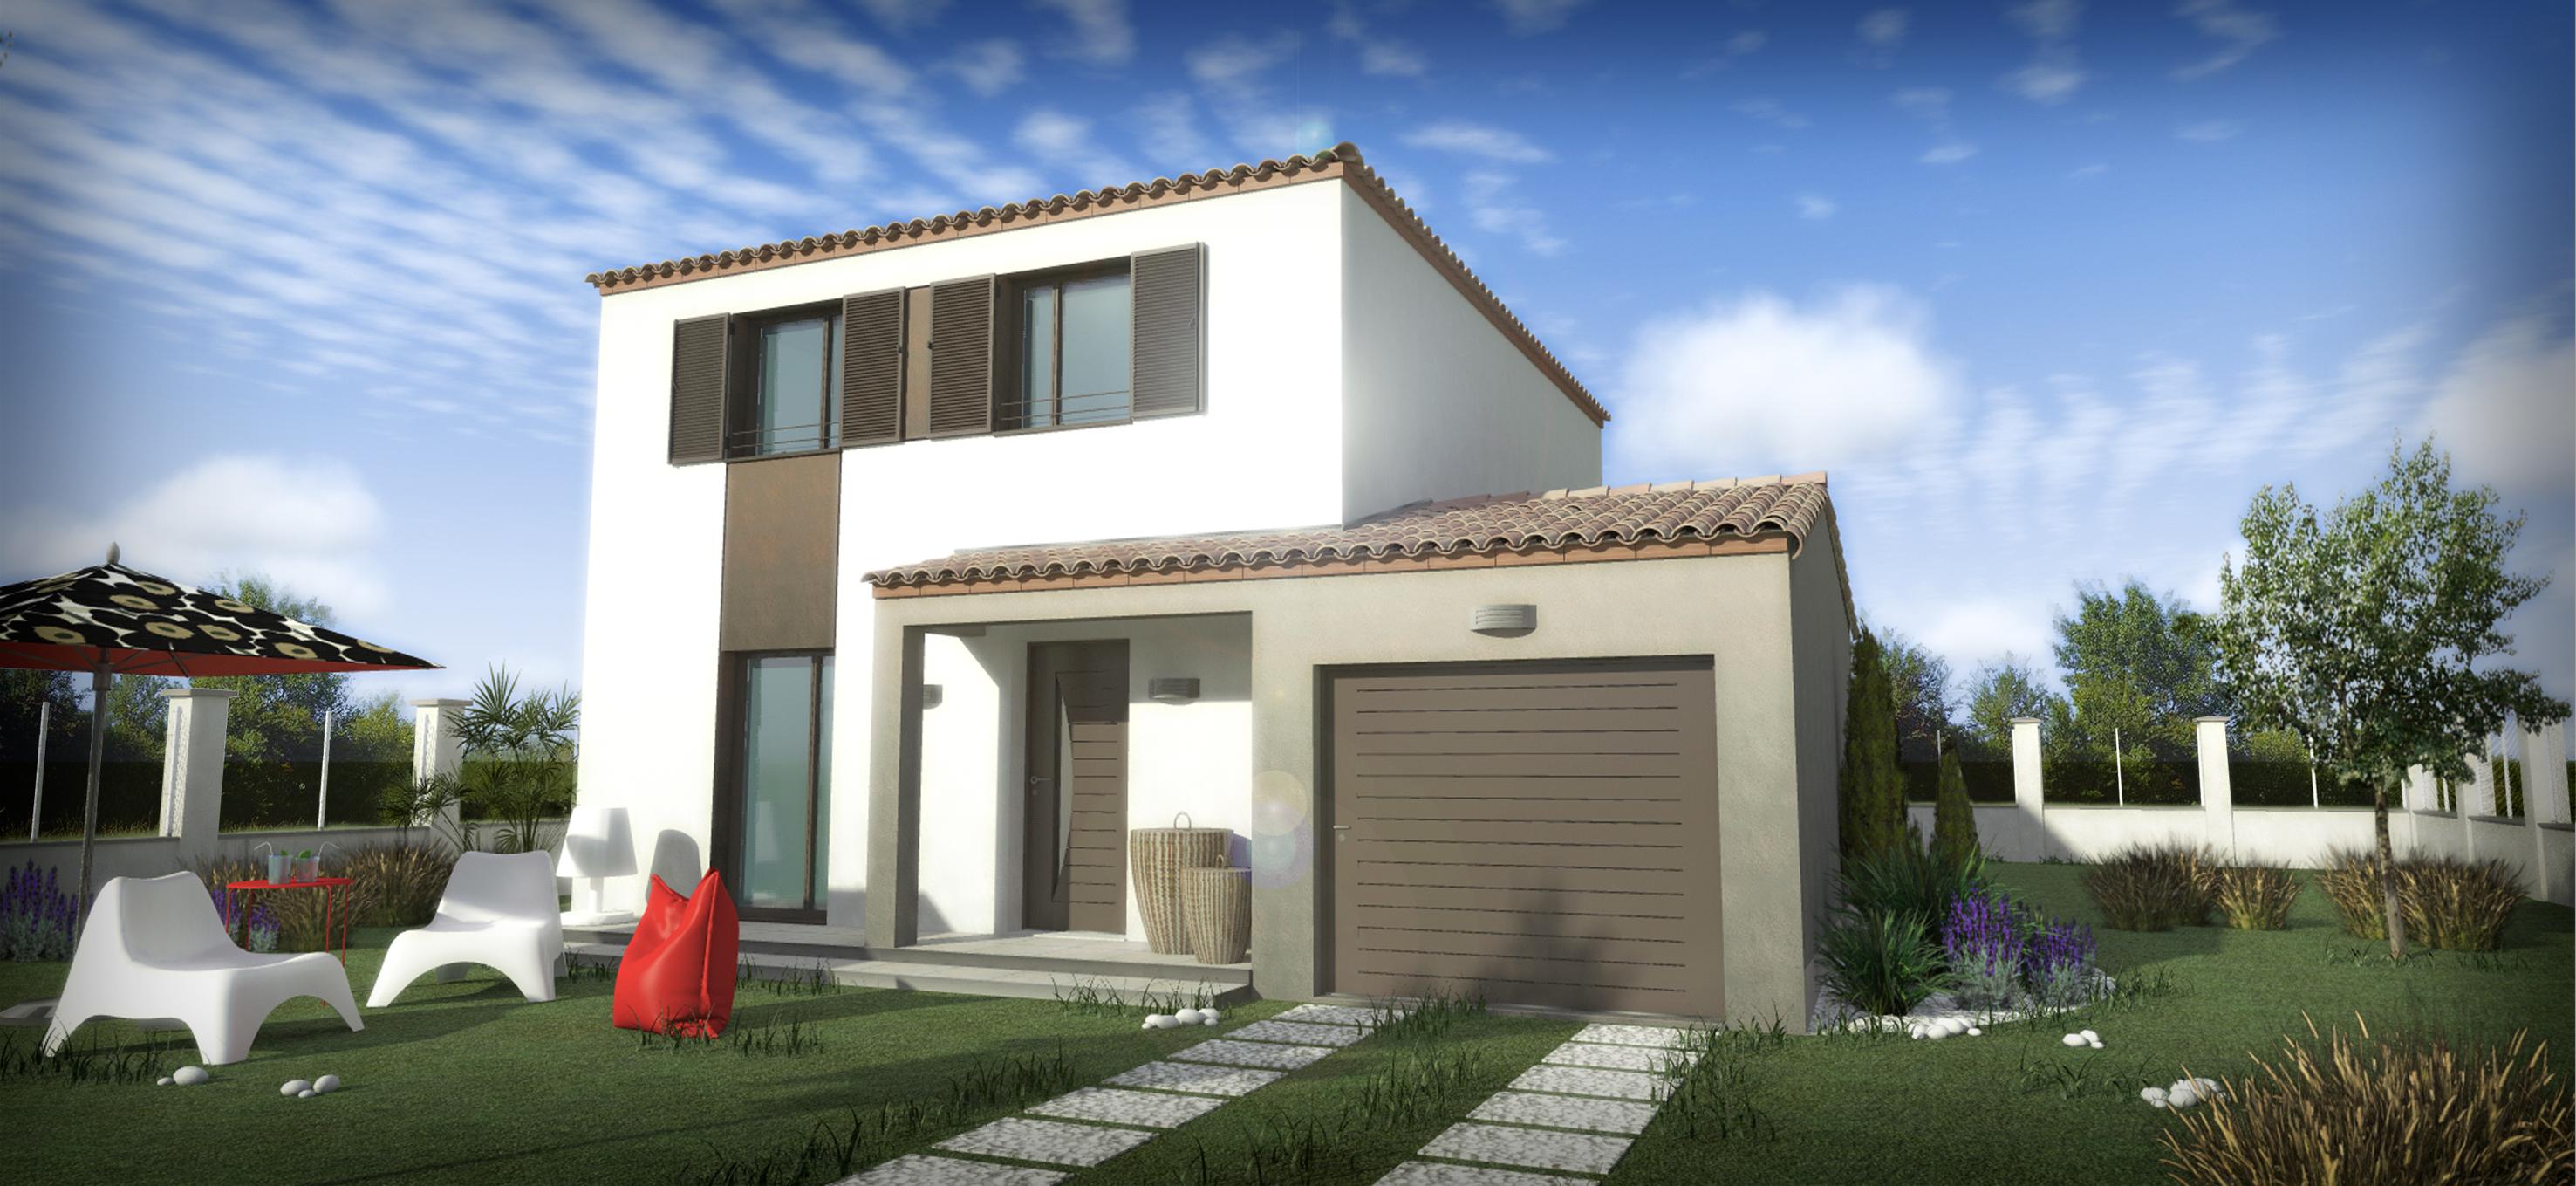 Maisons + Terrains du constructeur SM 11 • 95 m² • SAINT THIBERY